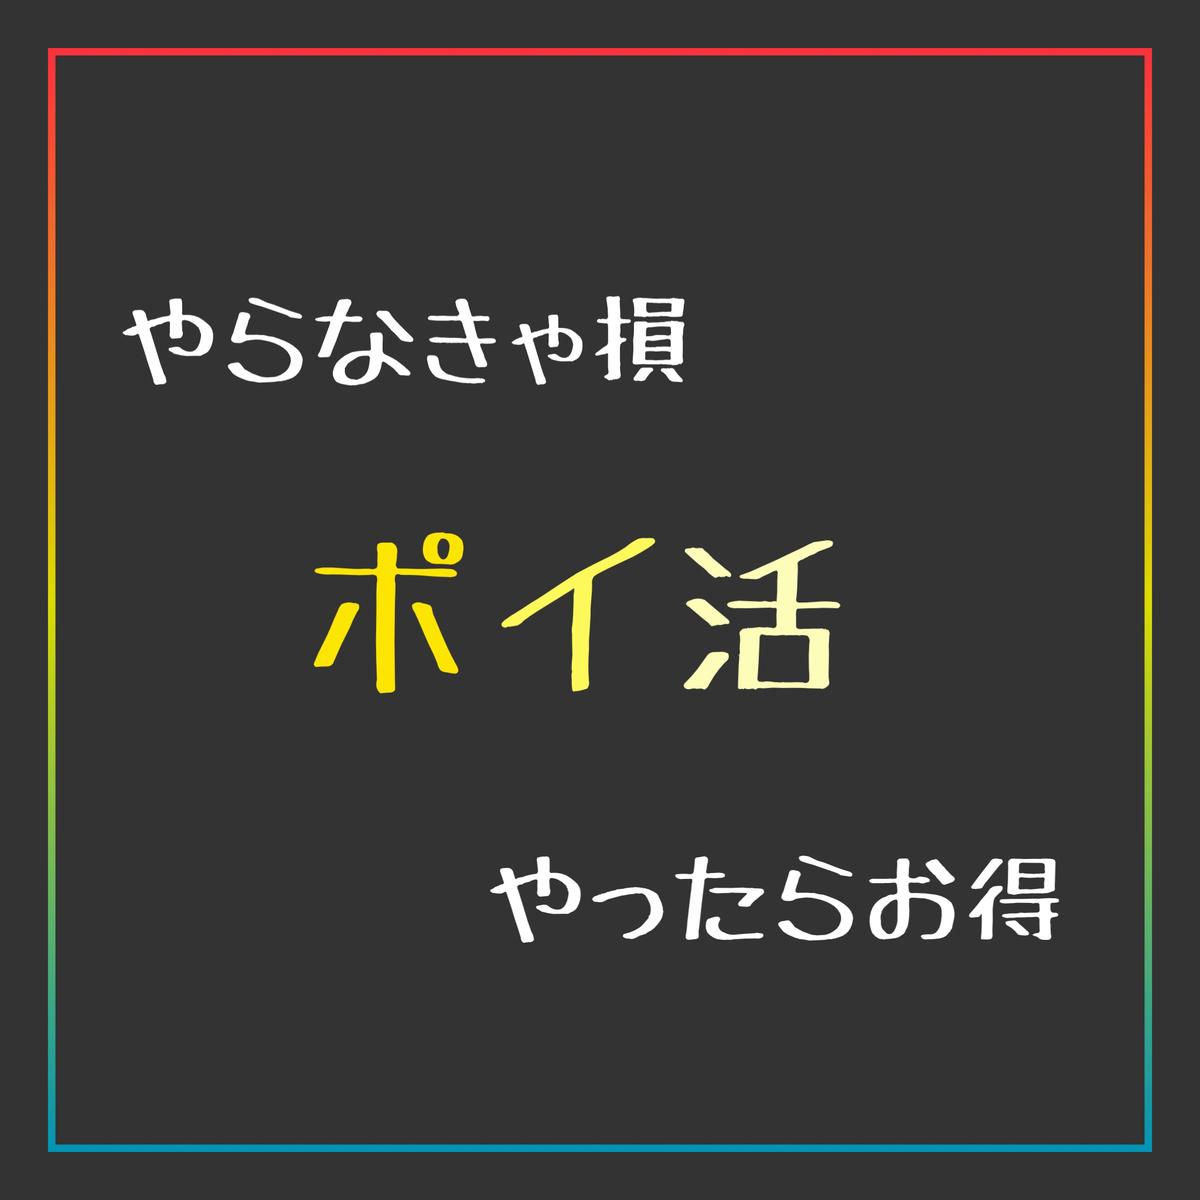 f:id:ucoms:20210805082341j:plain